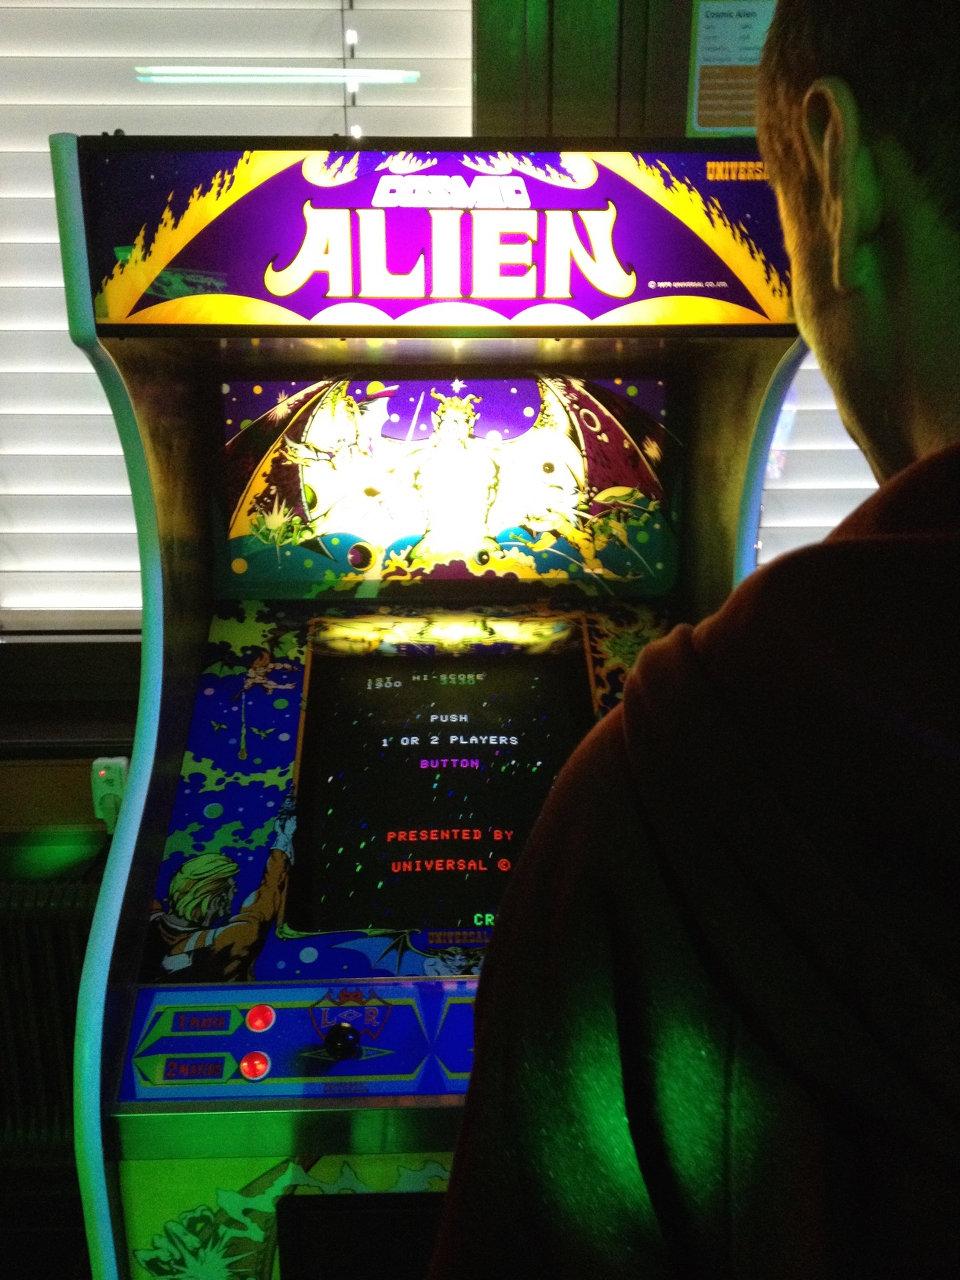 Comsic Alien von Universal bietet ein auffälliges Weltraum-Artwork. (Bild: André Eymann)